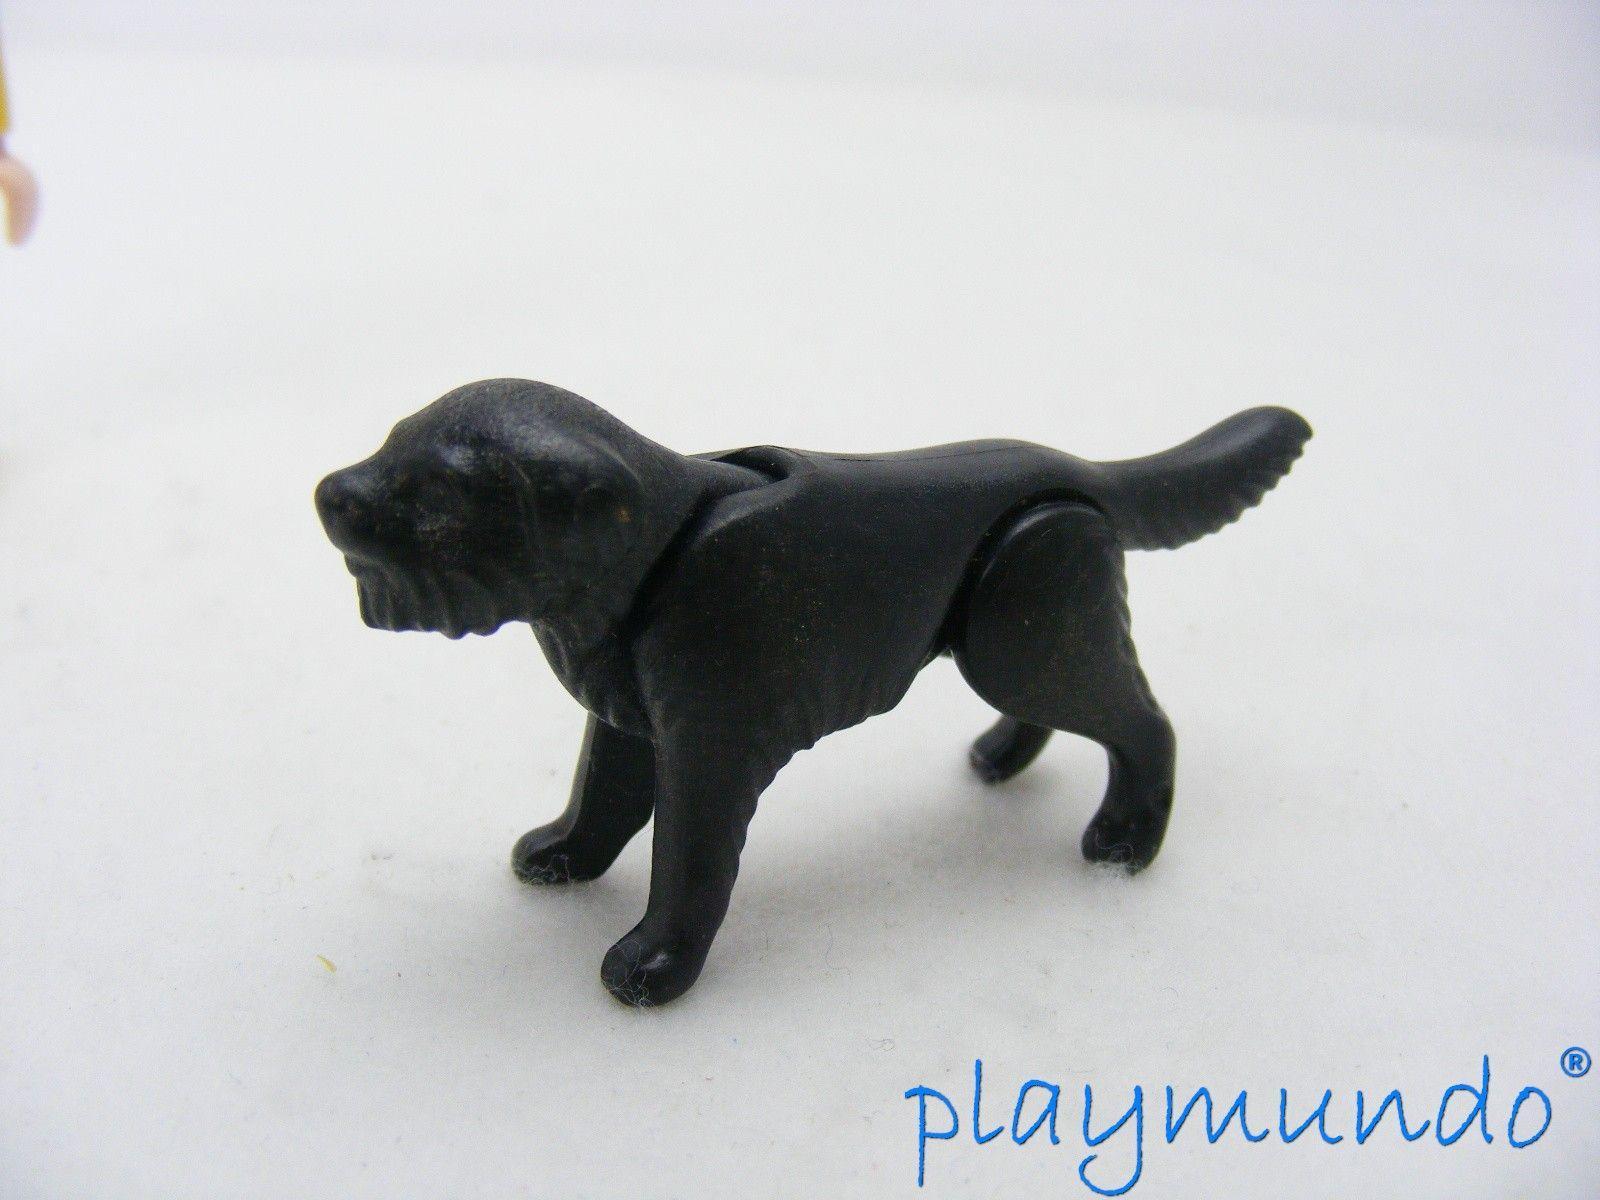 PLAYMOBIL ANIMALES PERRO NEGRO NG